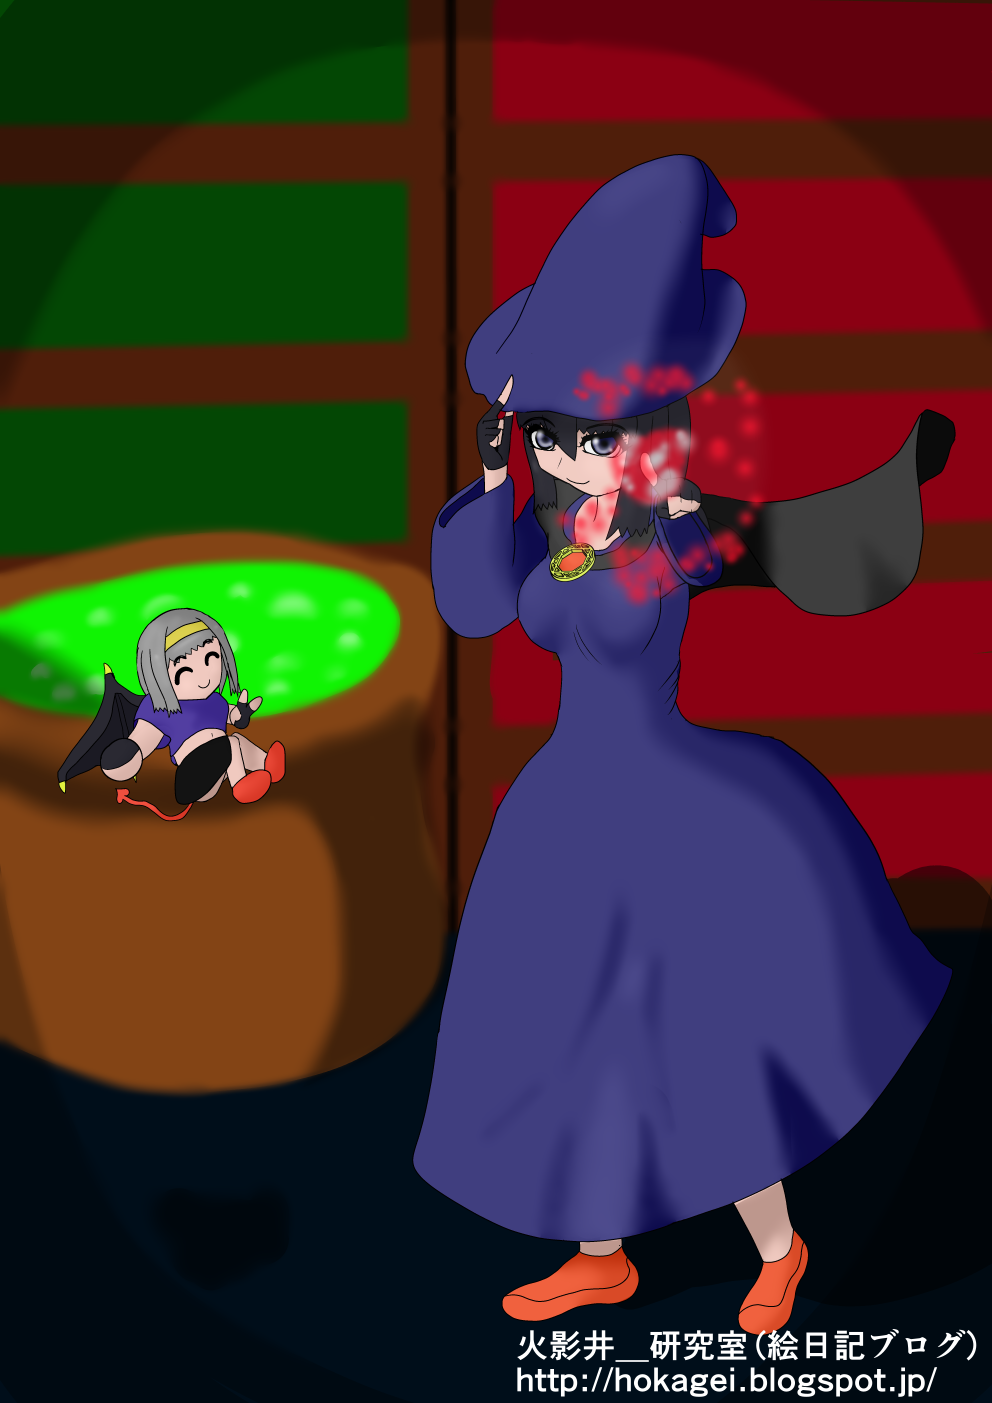 魔女コスプレ(八雲楓、羽園雫)